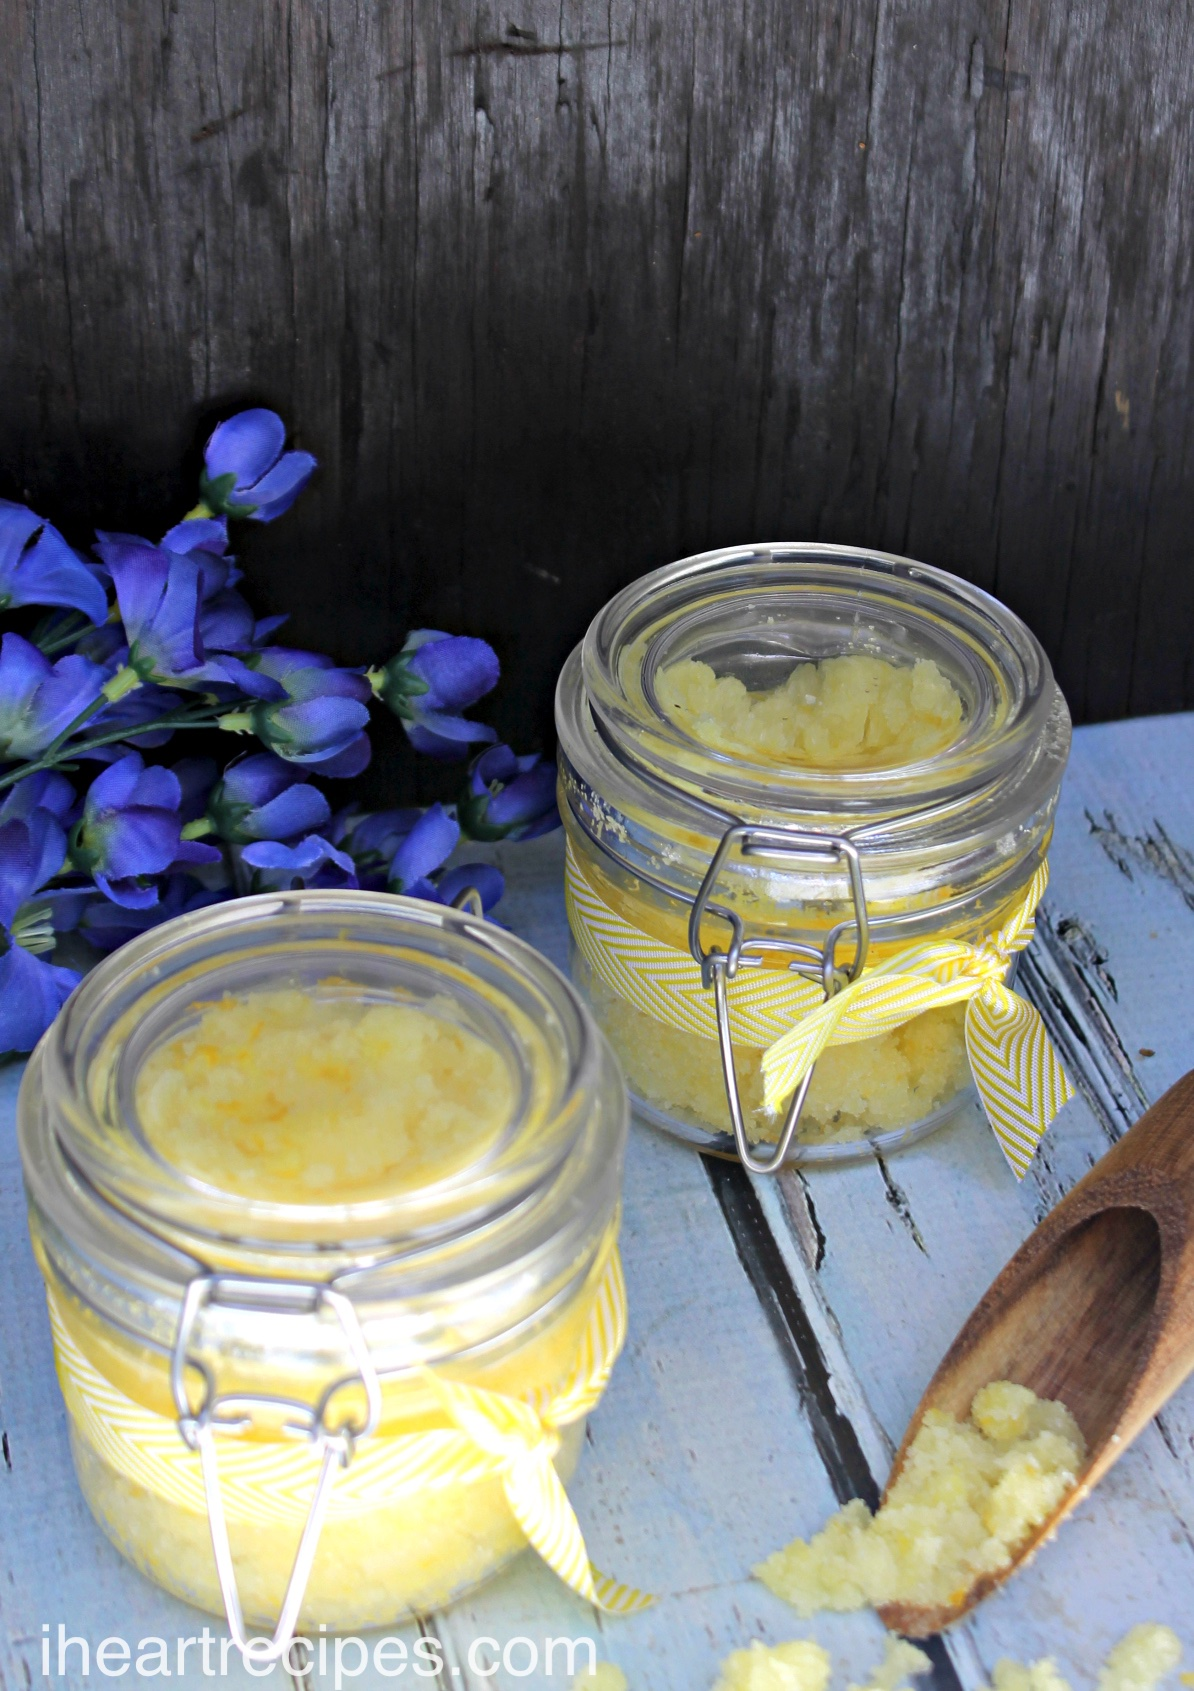 Homemade Lemon Body Scrub I Heart Recipes